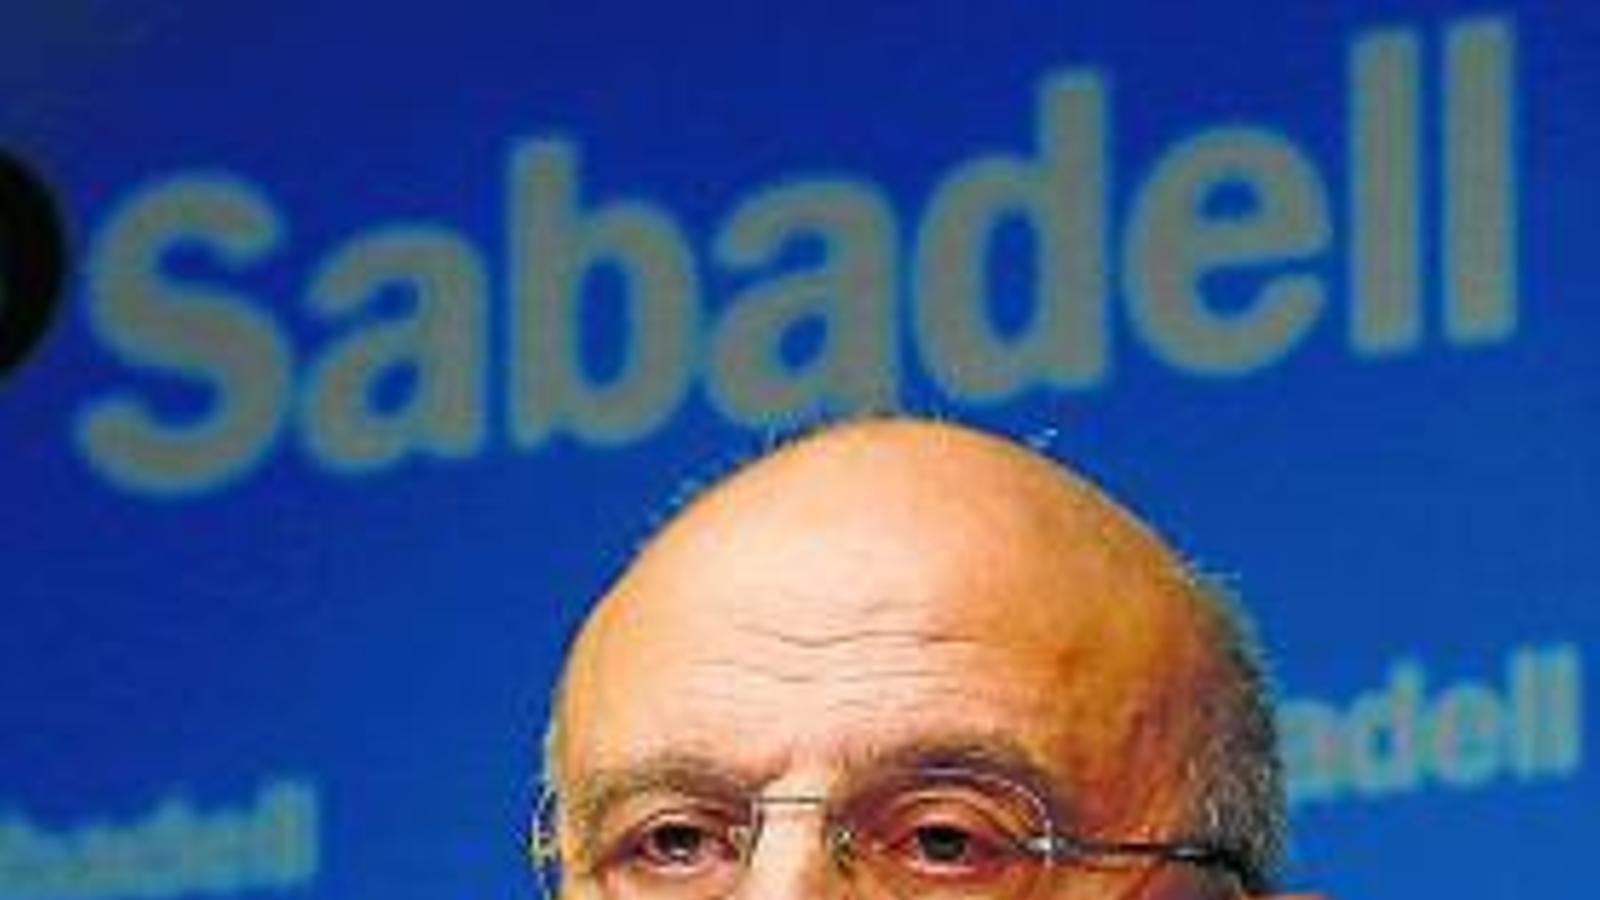 Banc sabadell culmina la integraci de lloys i banco gallego for Banc sabadell oficines sabadell